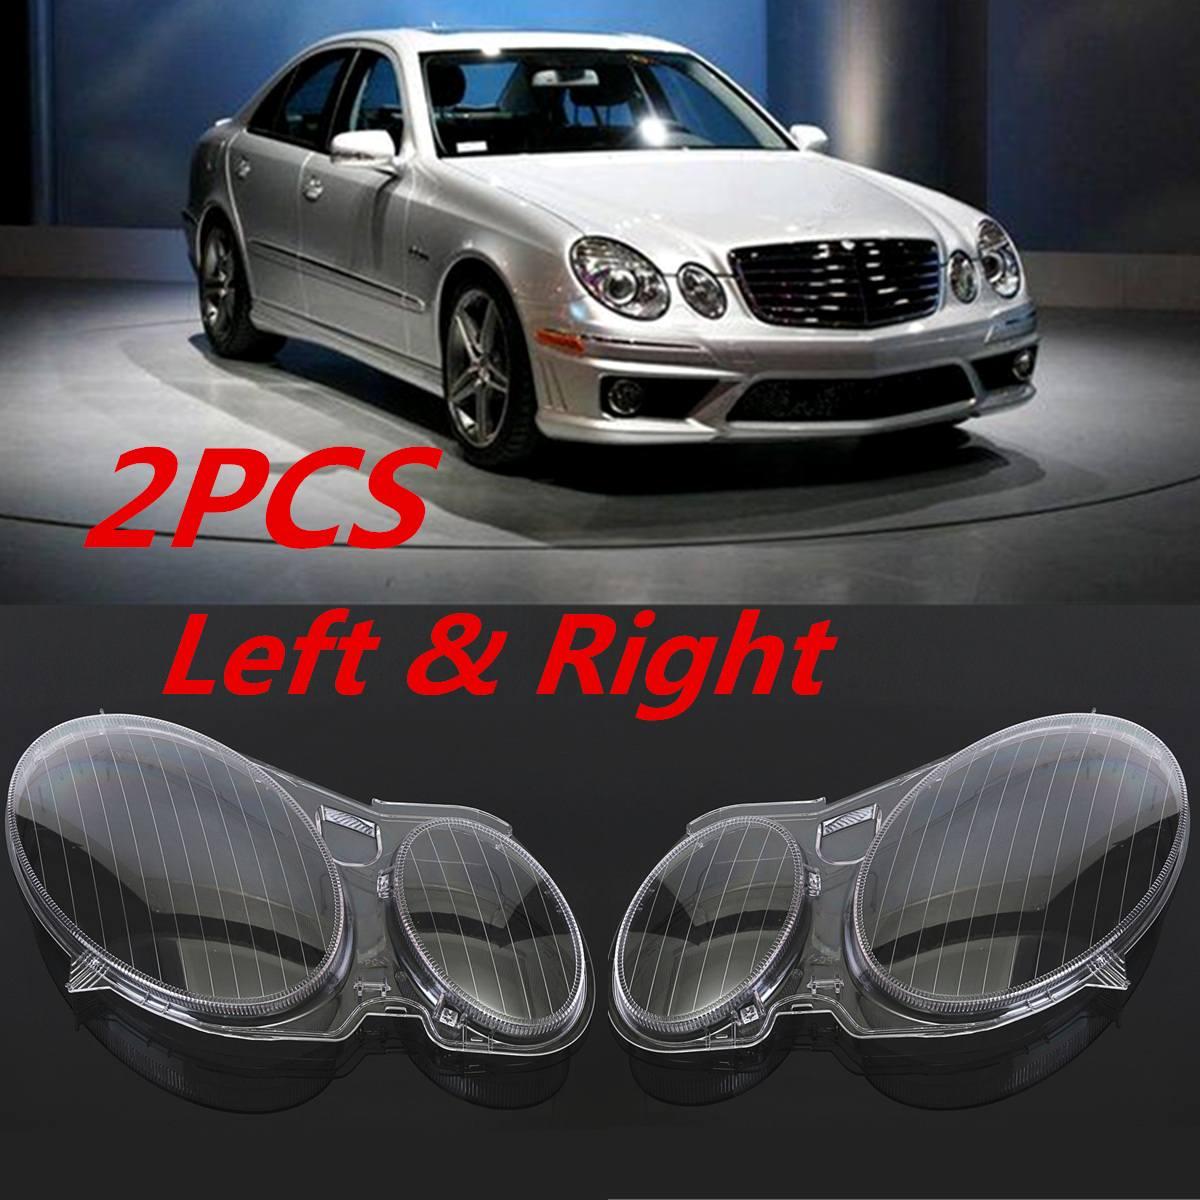 New Headlight Cover W211 Car Headlight Lens Glass Cover For Benz W211 E240 E200 E350 E280 E300 2002-2008 Lamp cover Cover Shell